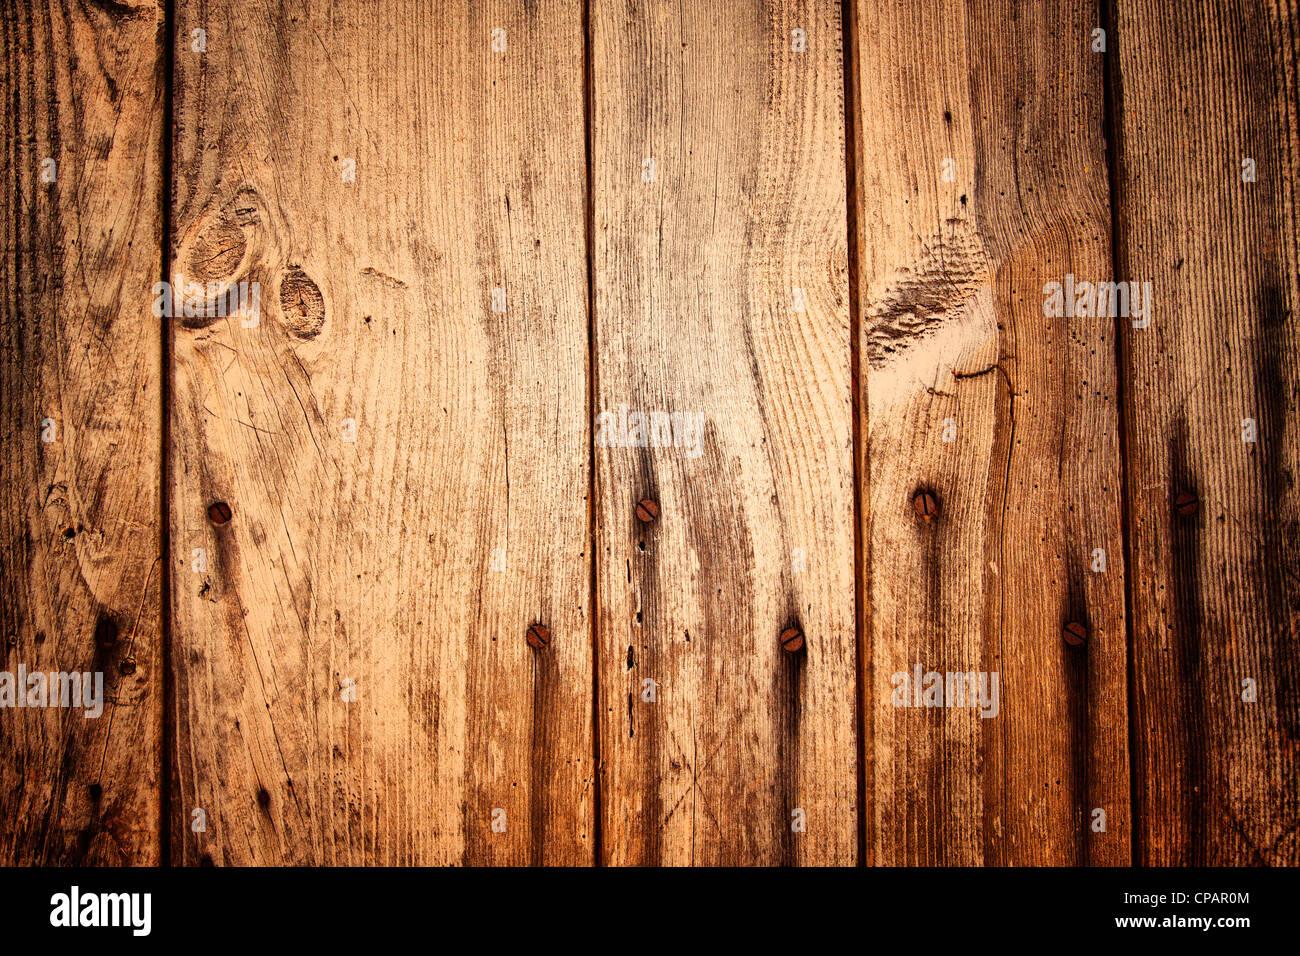 Planches en bois ancien et des ongles Photo Stock